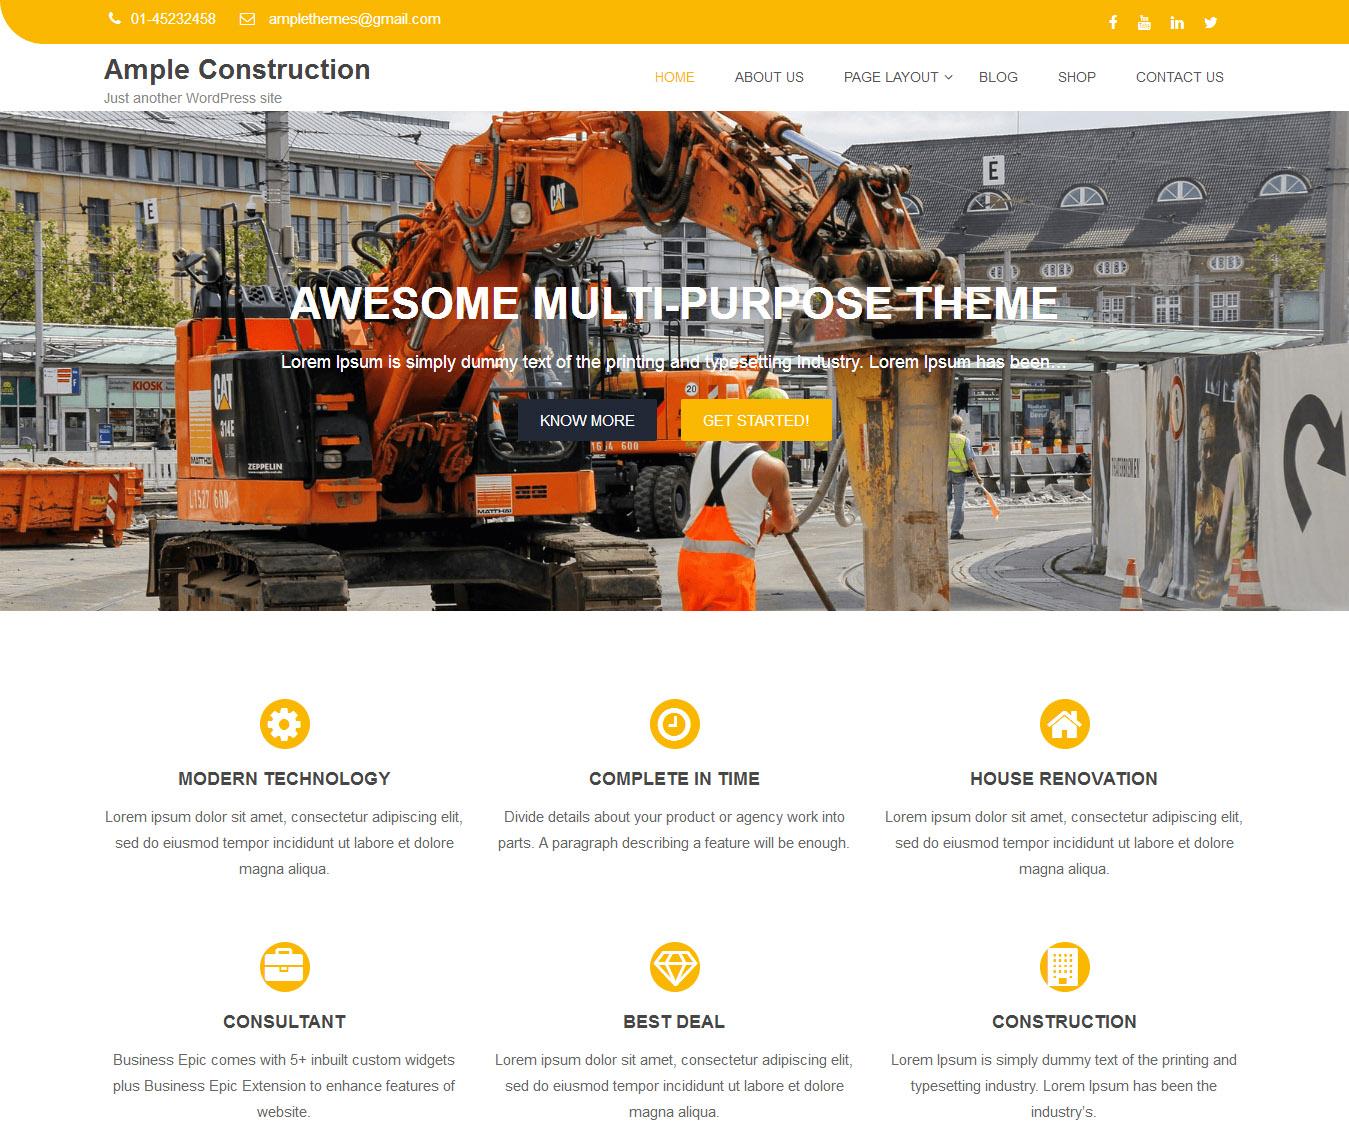 Design Real Estate Construction Website